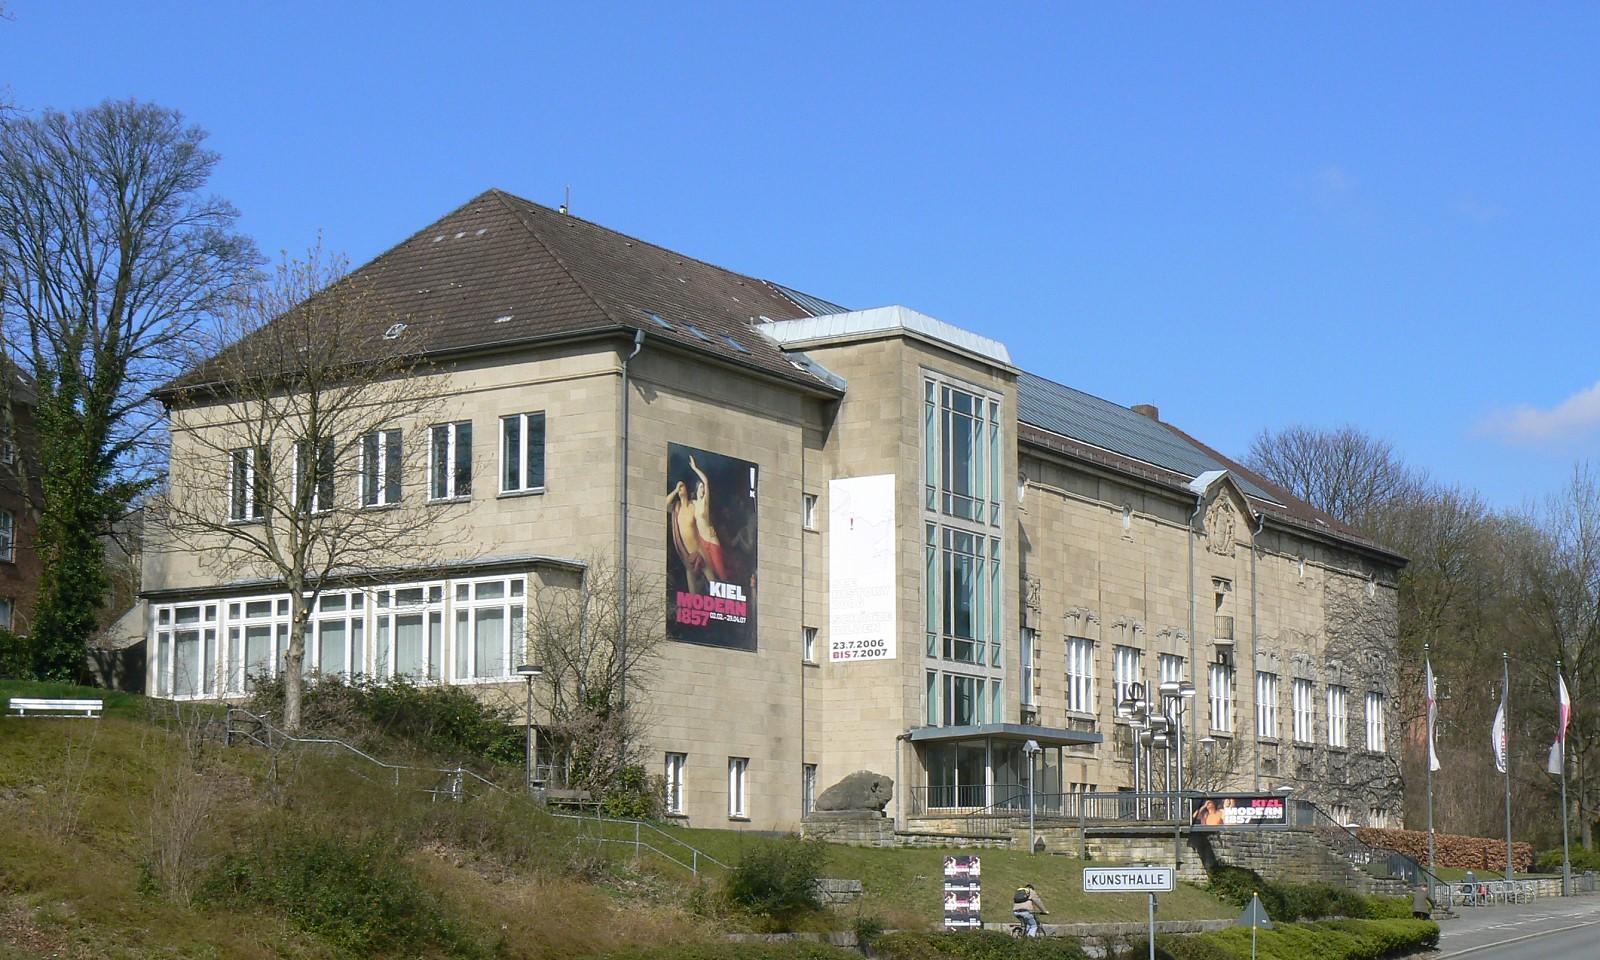 Bild Kunsthalle Kiel